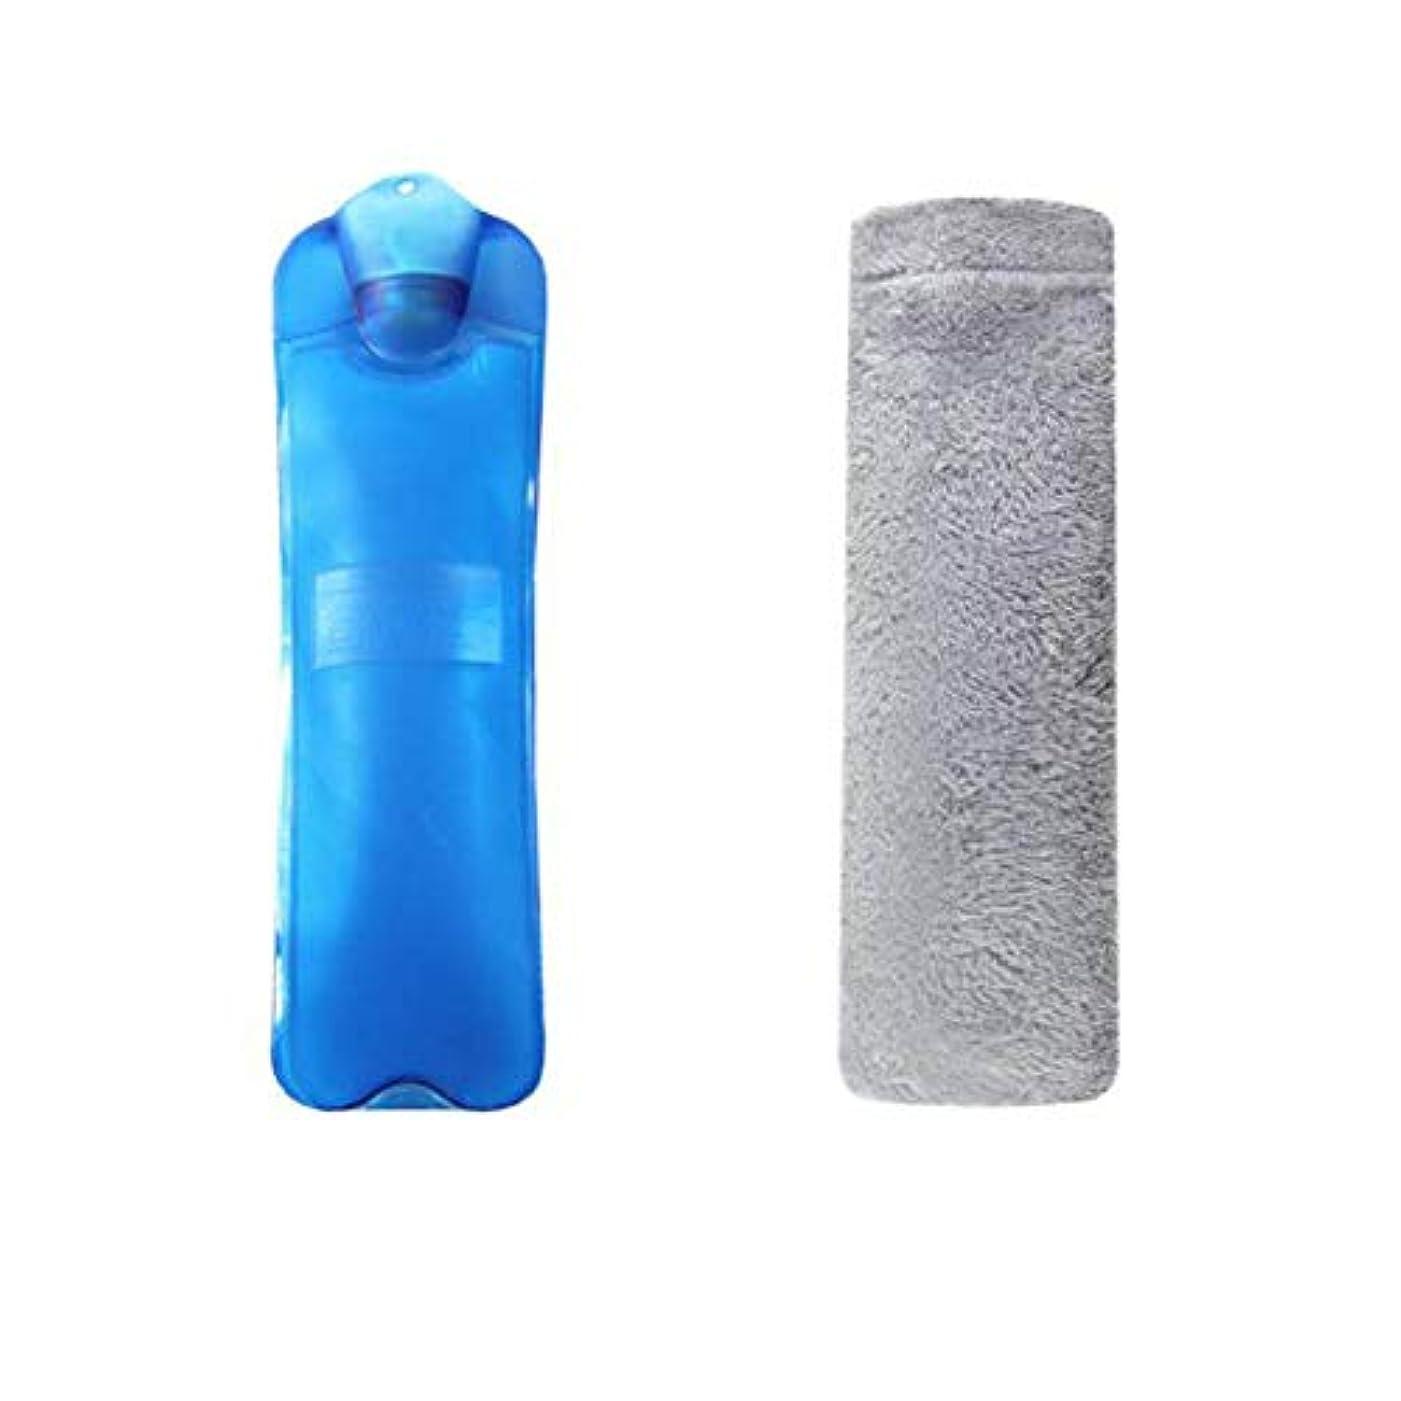 受け継ぐ。流行している温水ボトル大温水ボトル2Lは冬に暖かく保ちます #5